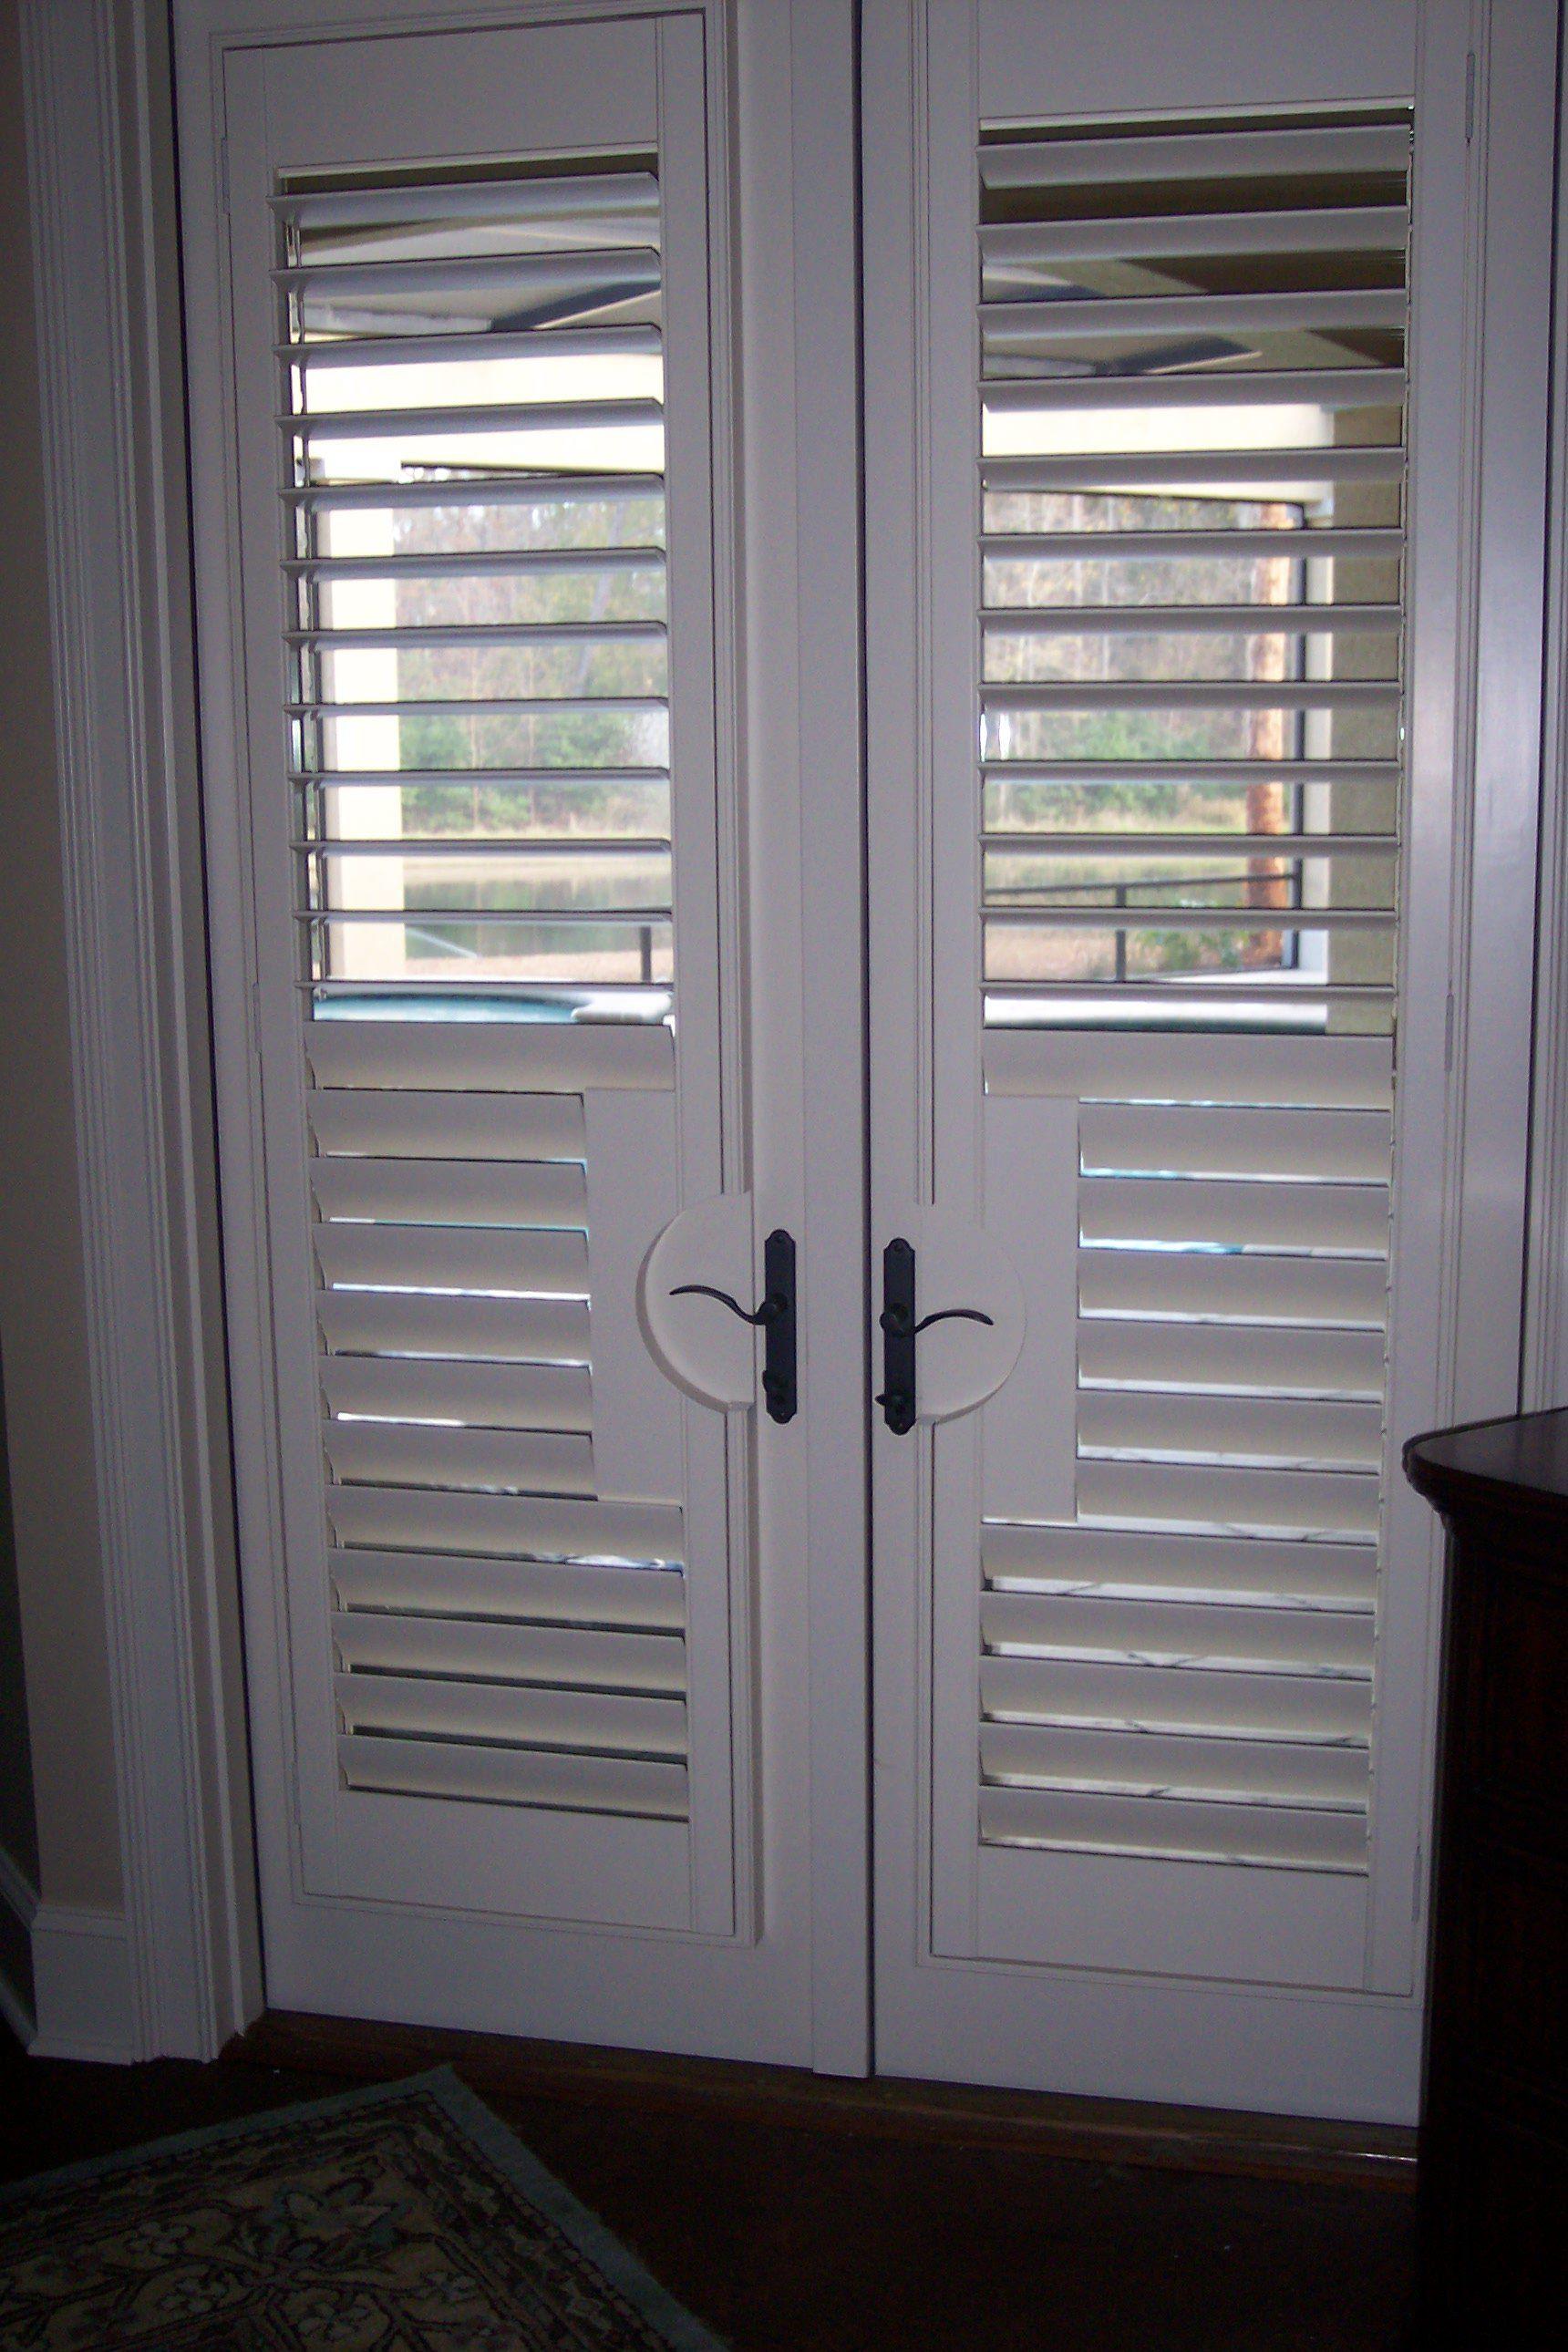 Sympathisch Patio Tür Verschluss Design Für eine Einfache ...